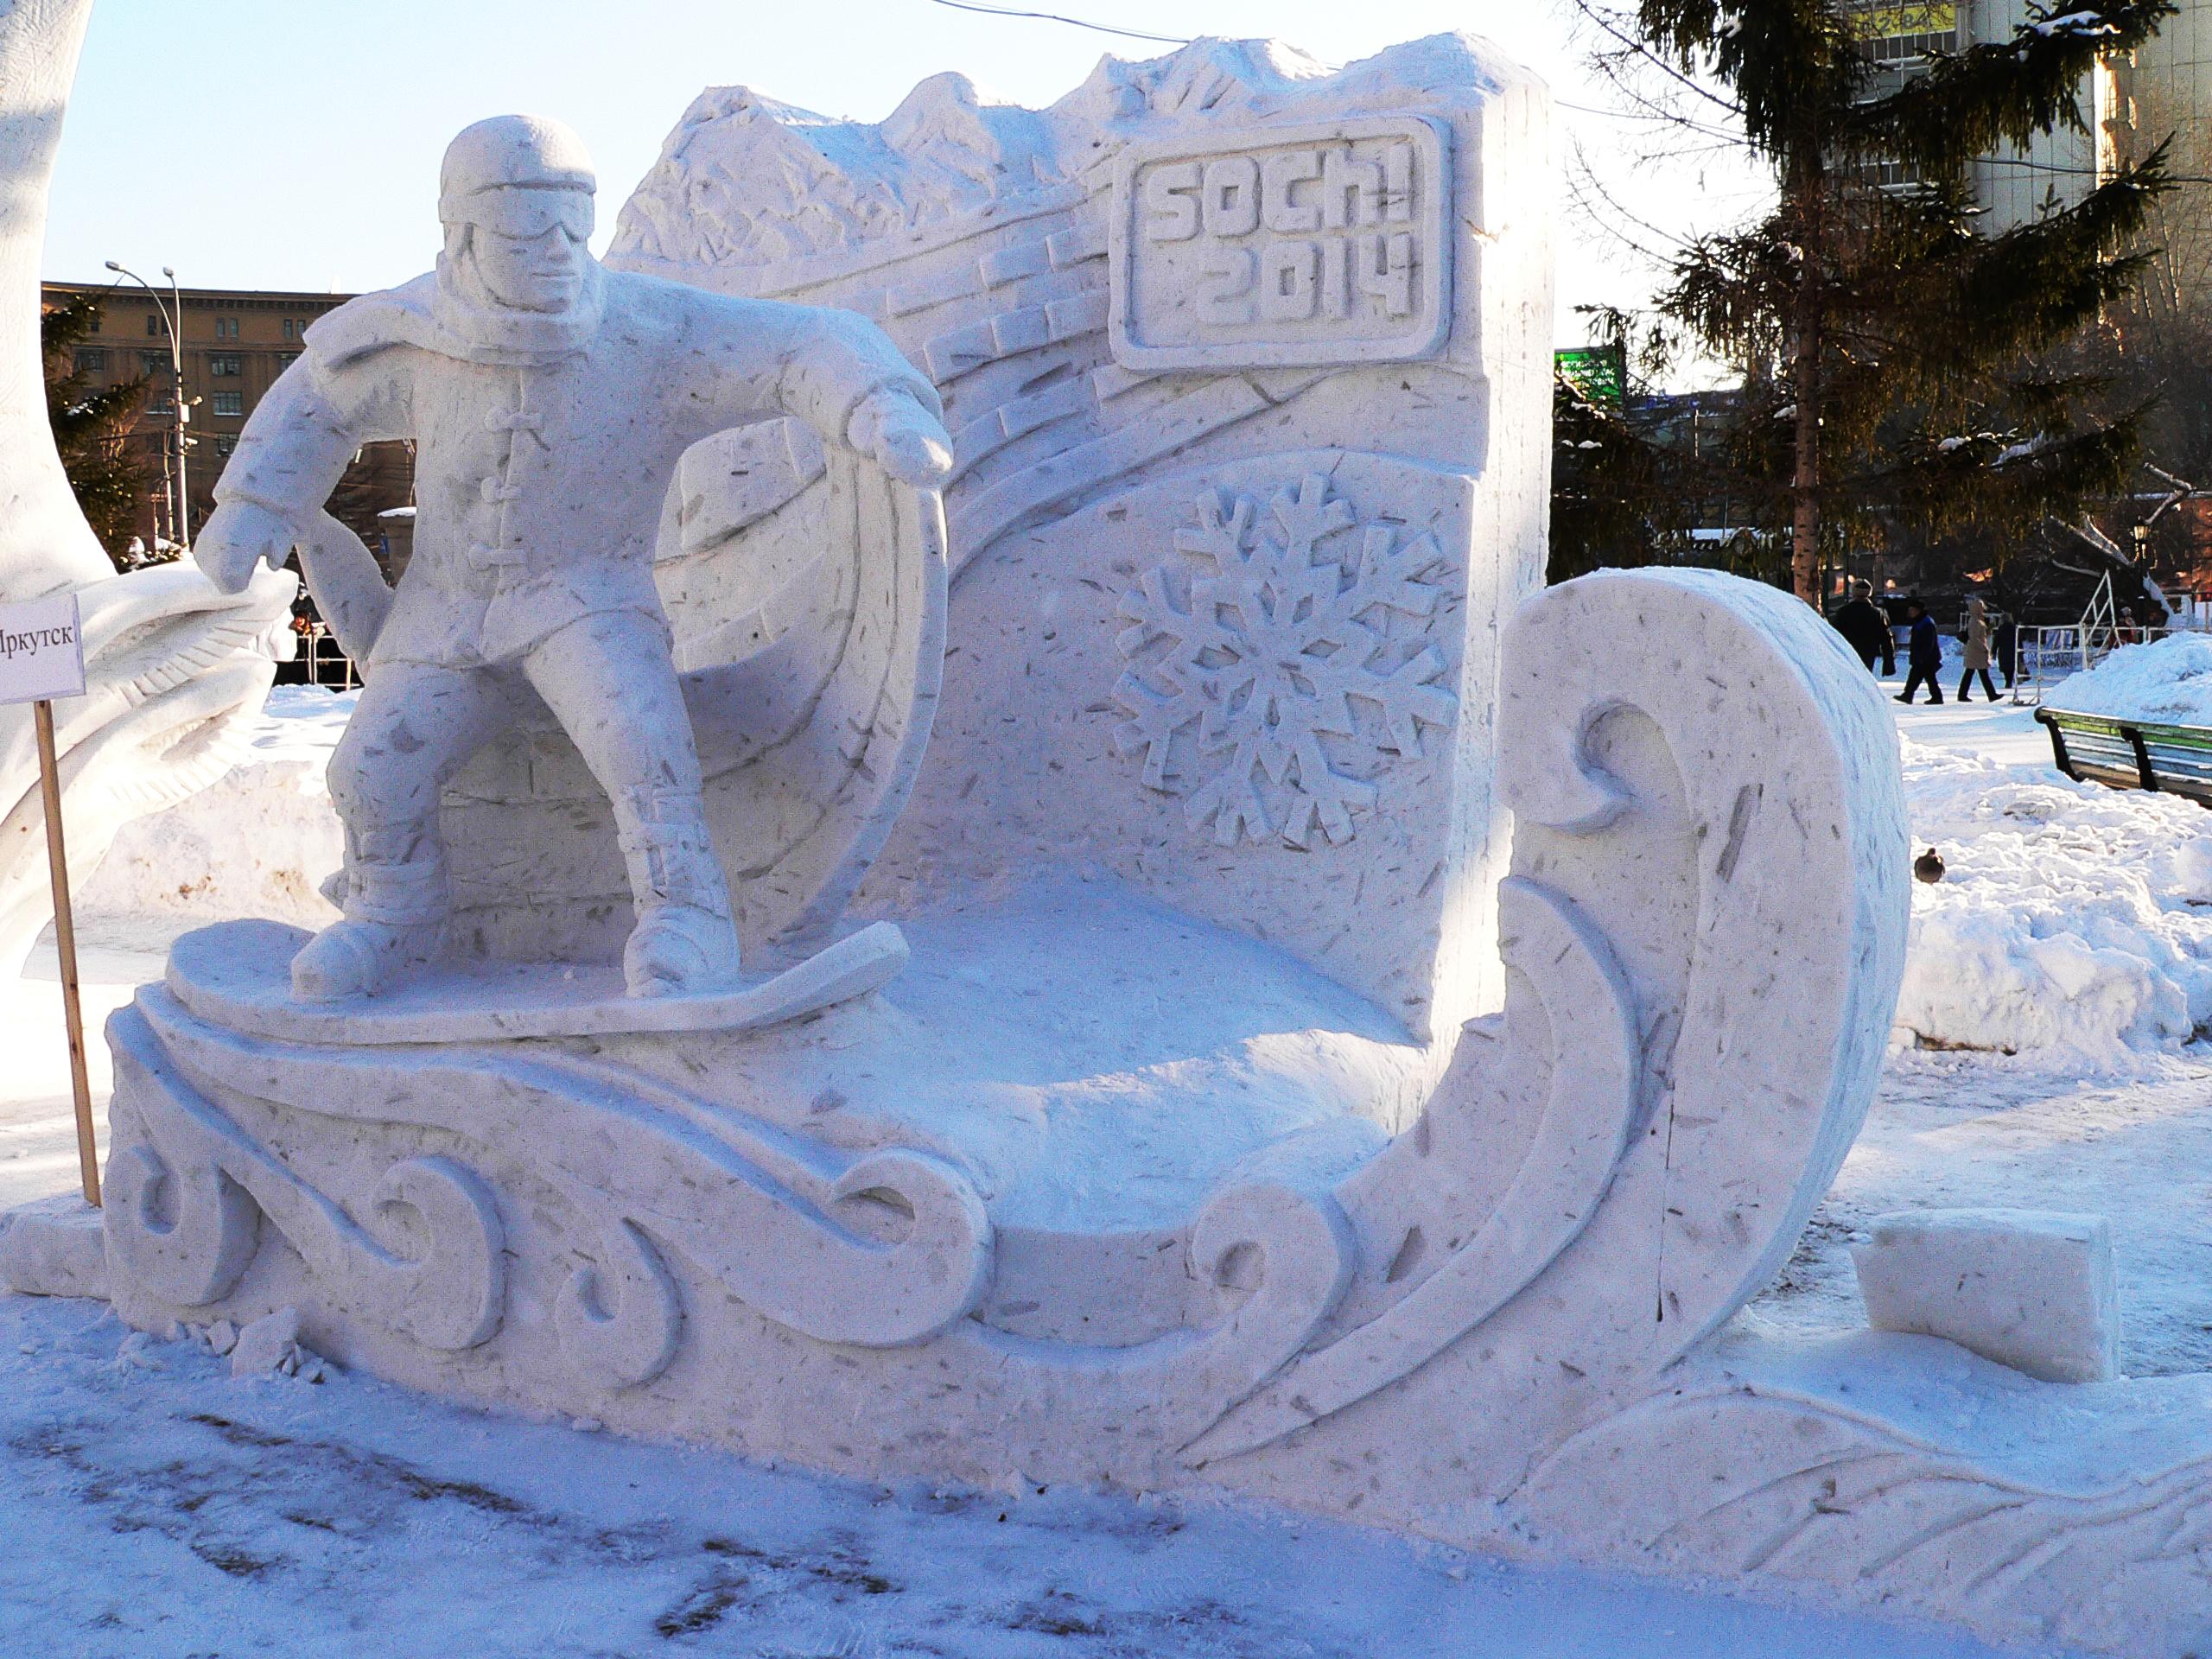 Фотография-снежной-скульптуры-Сноубордист-Новосибирск